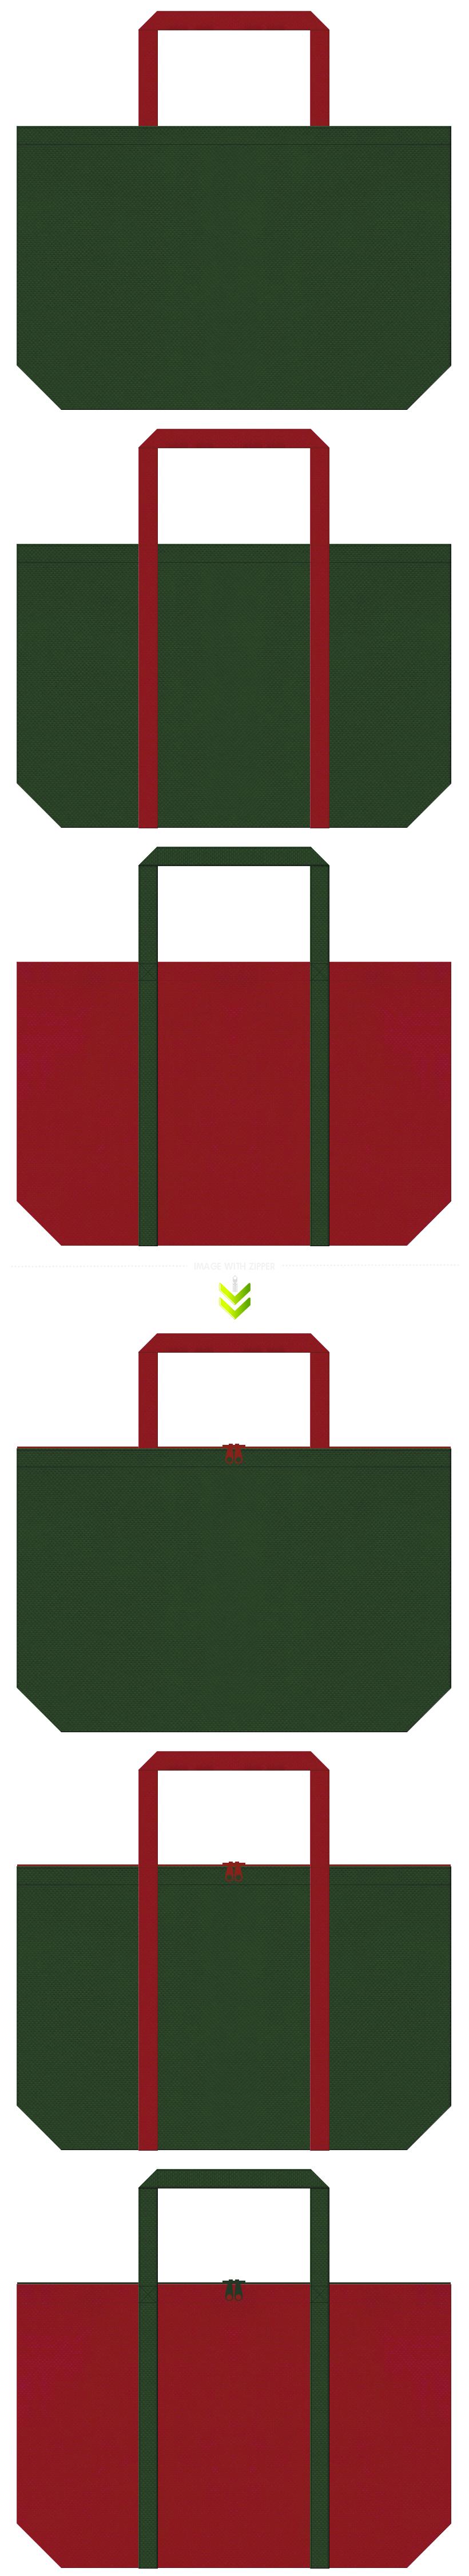 学校・教室・黒板・卒業式・成人式・振袖・着物・帯・記念式典・写真館・ゲーム・和柄のエコバッグにお奨めのデザイン:濃緑色・深緑色とエンジ色のコーデ